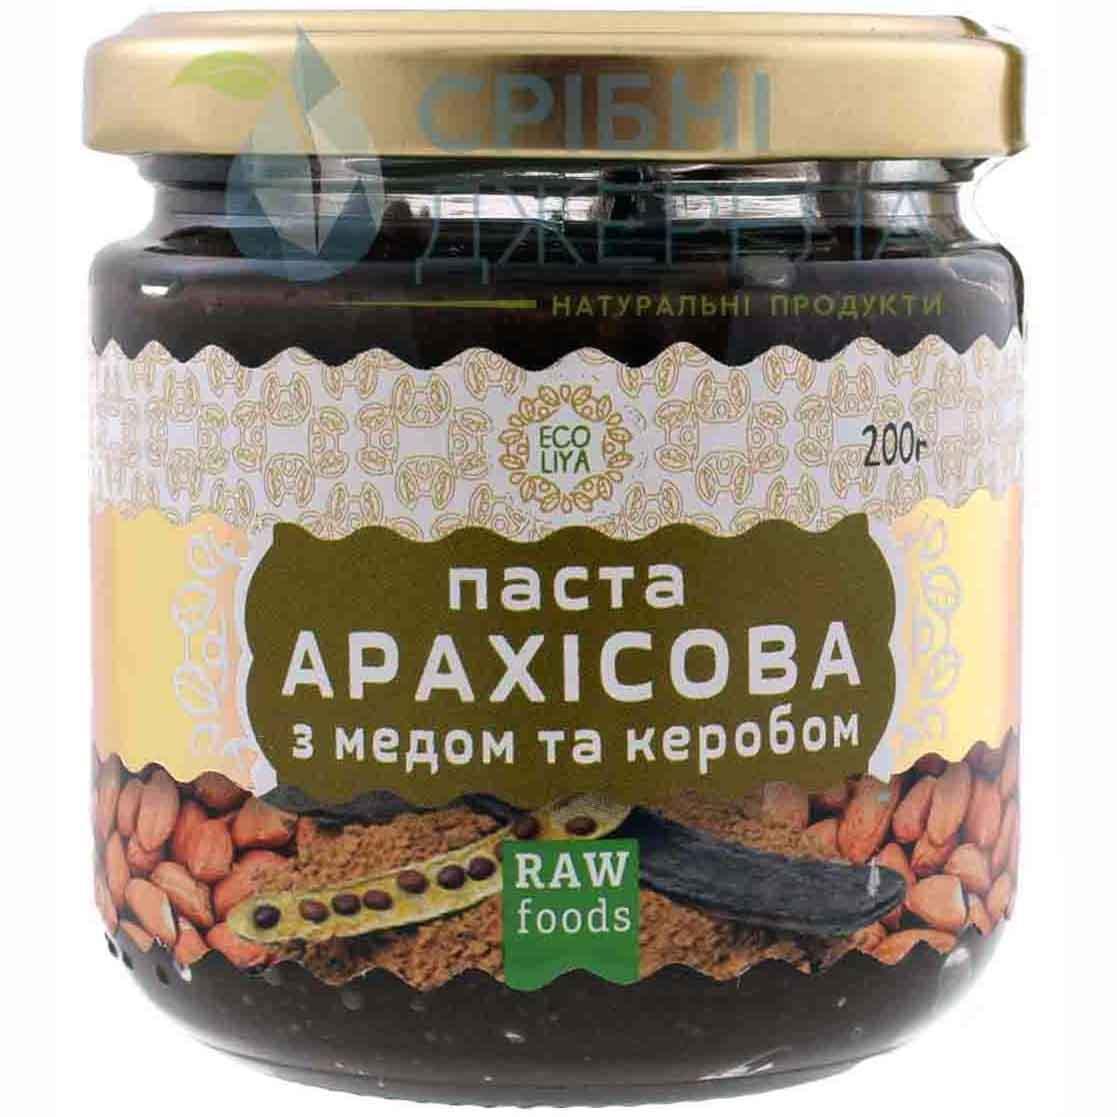 Арахисовая паста с медом и кэробом (Урбеч), 200 г